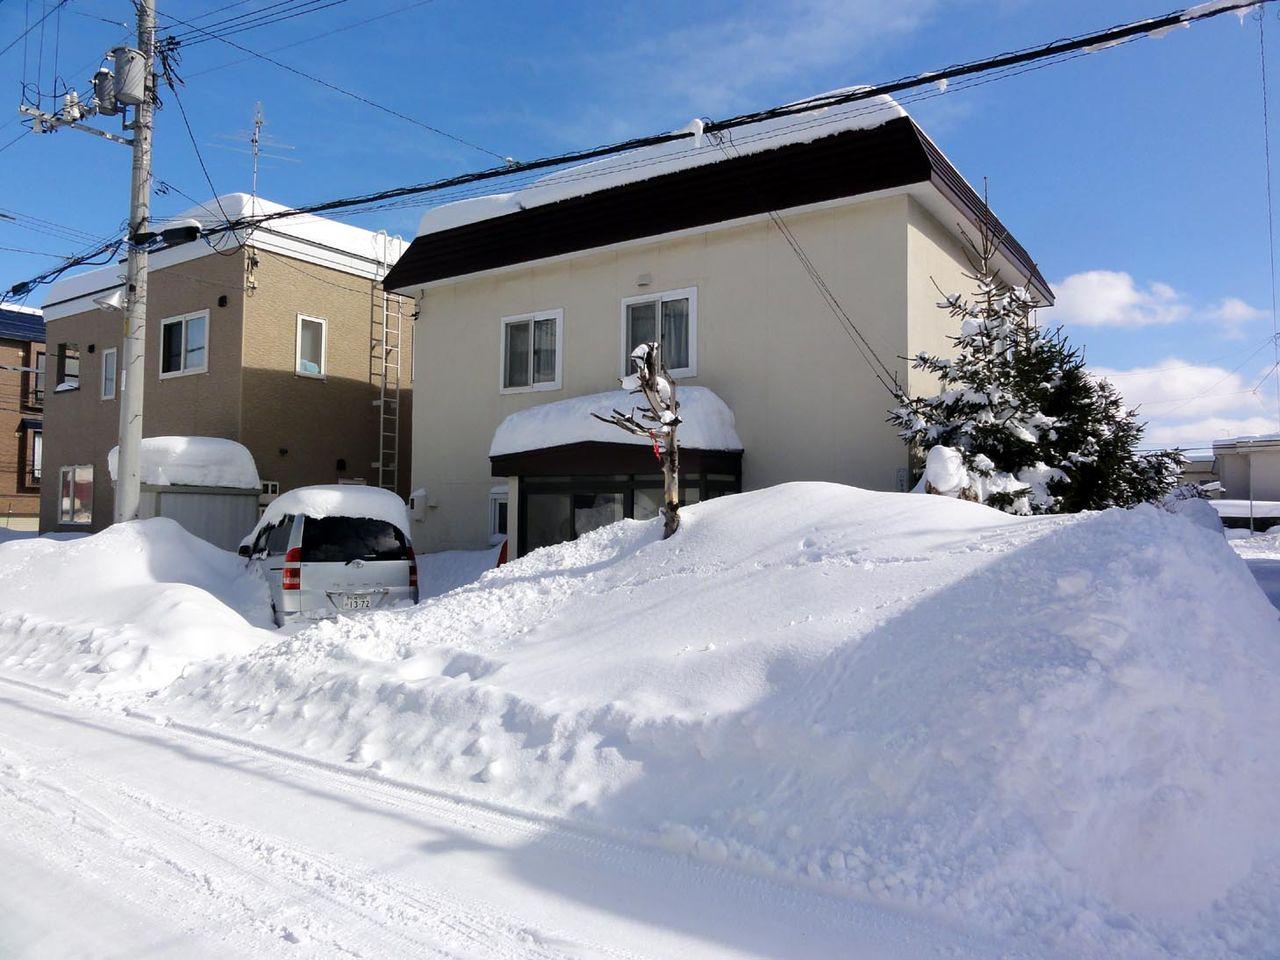 今年は2月に入って雪が多かった